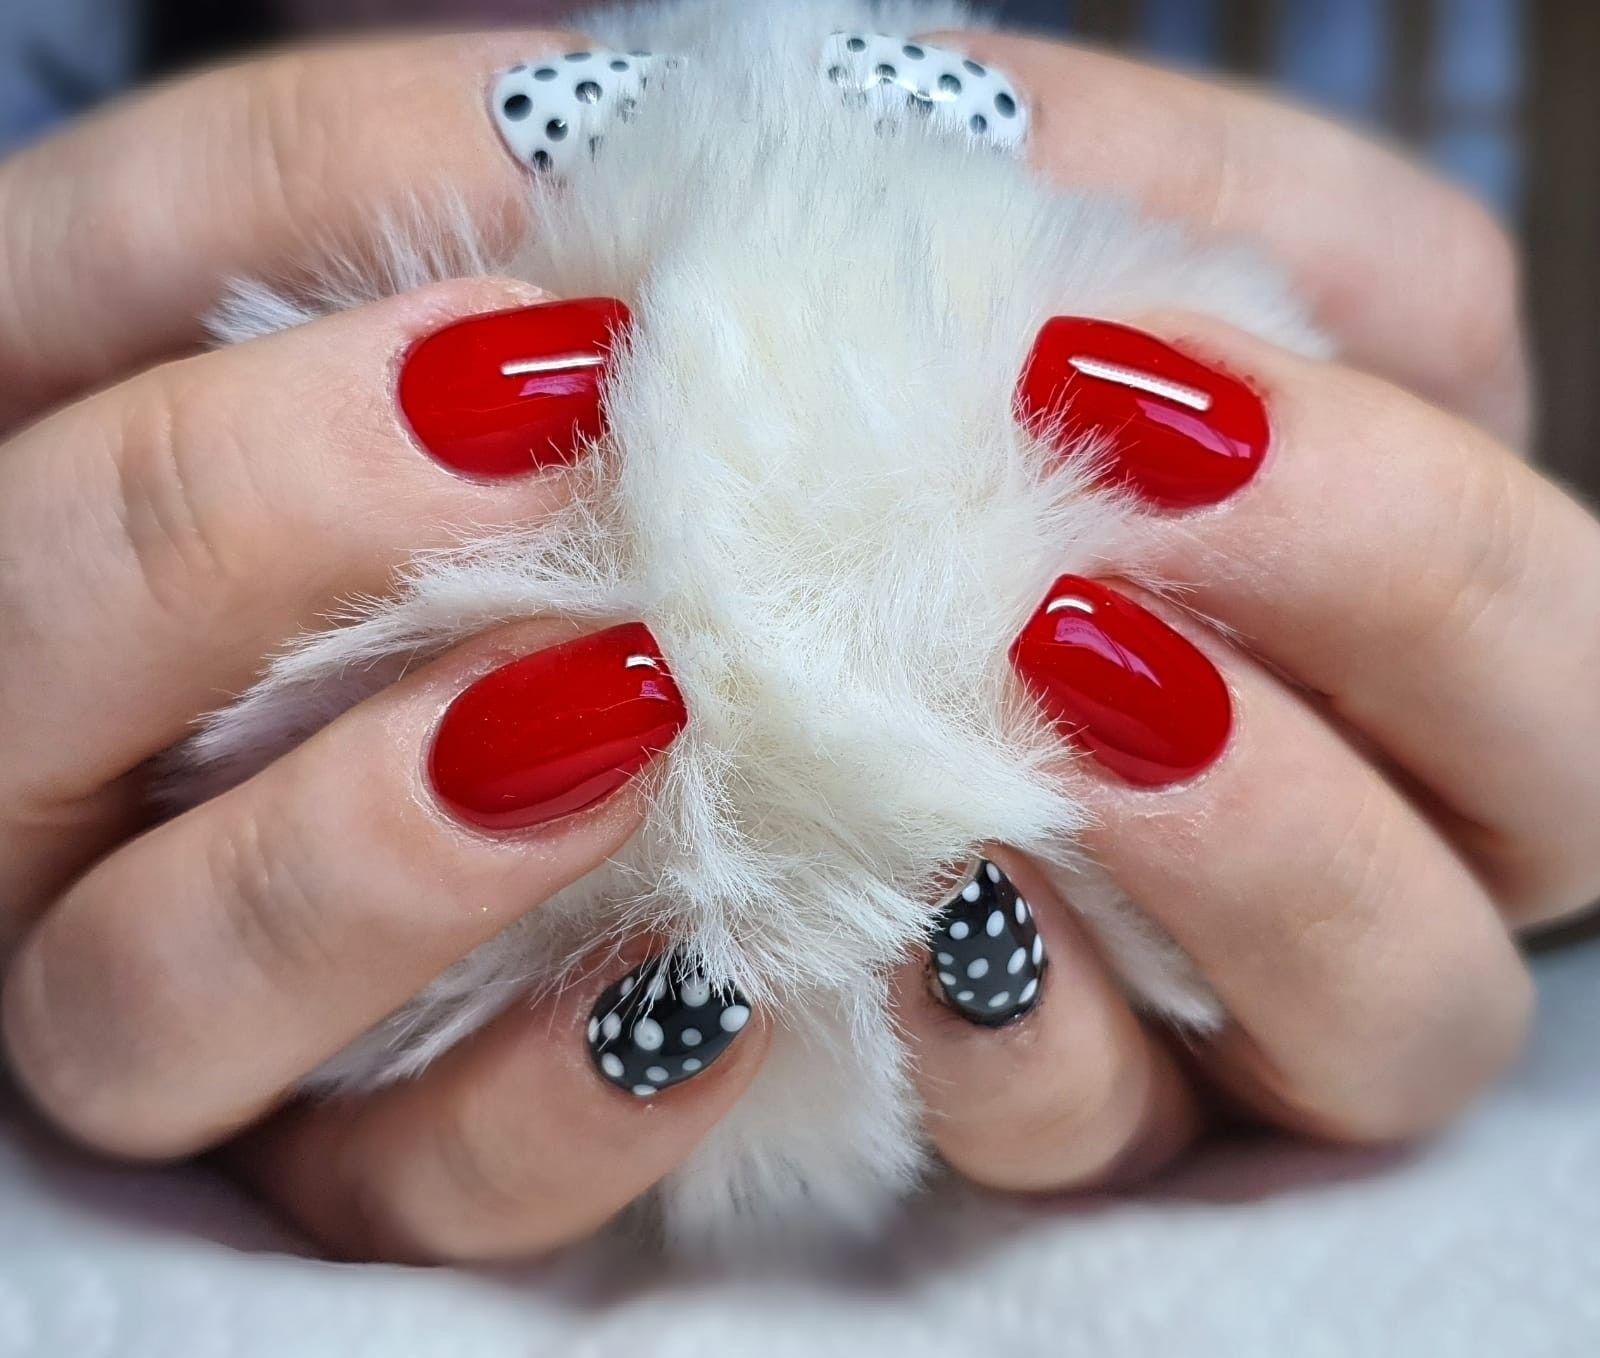 Nageldesign rot schwarz weiß Pünktchen   Nägel rot, Nägel, Nageldesign